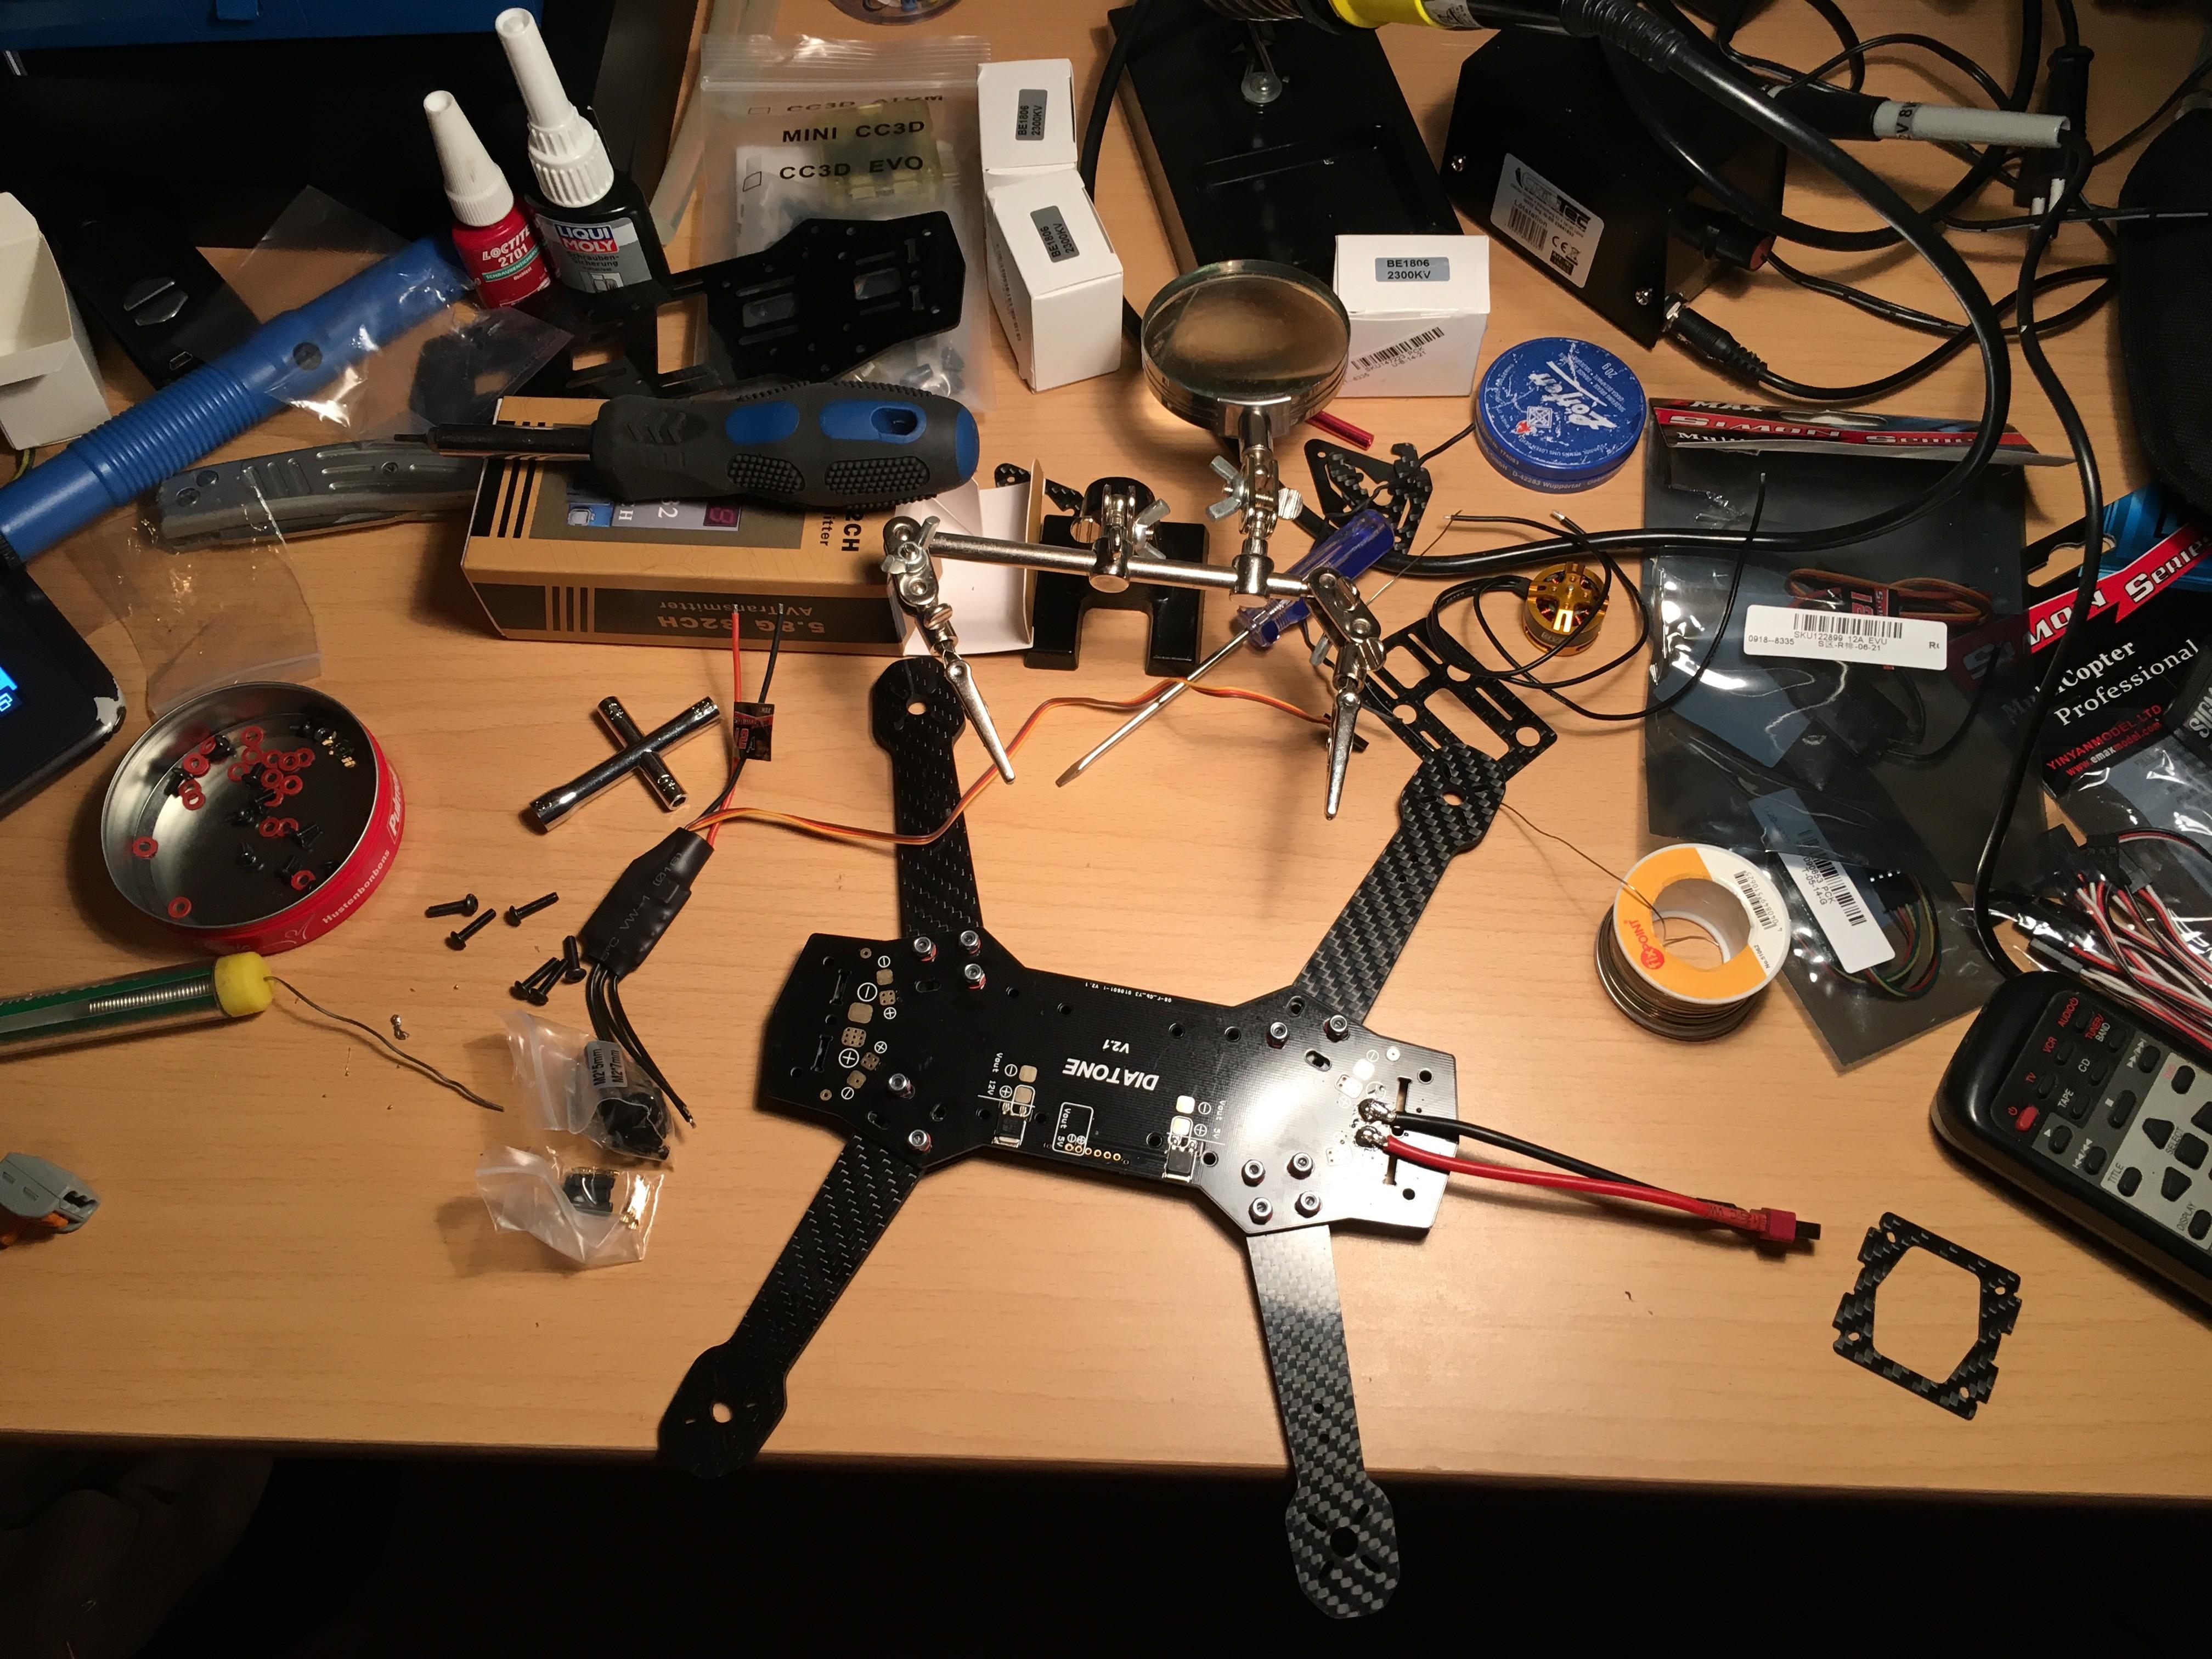 ZMR250 – FPV Quadcopter Bauen – Einstieg – De-Fra Projects